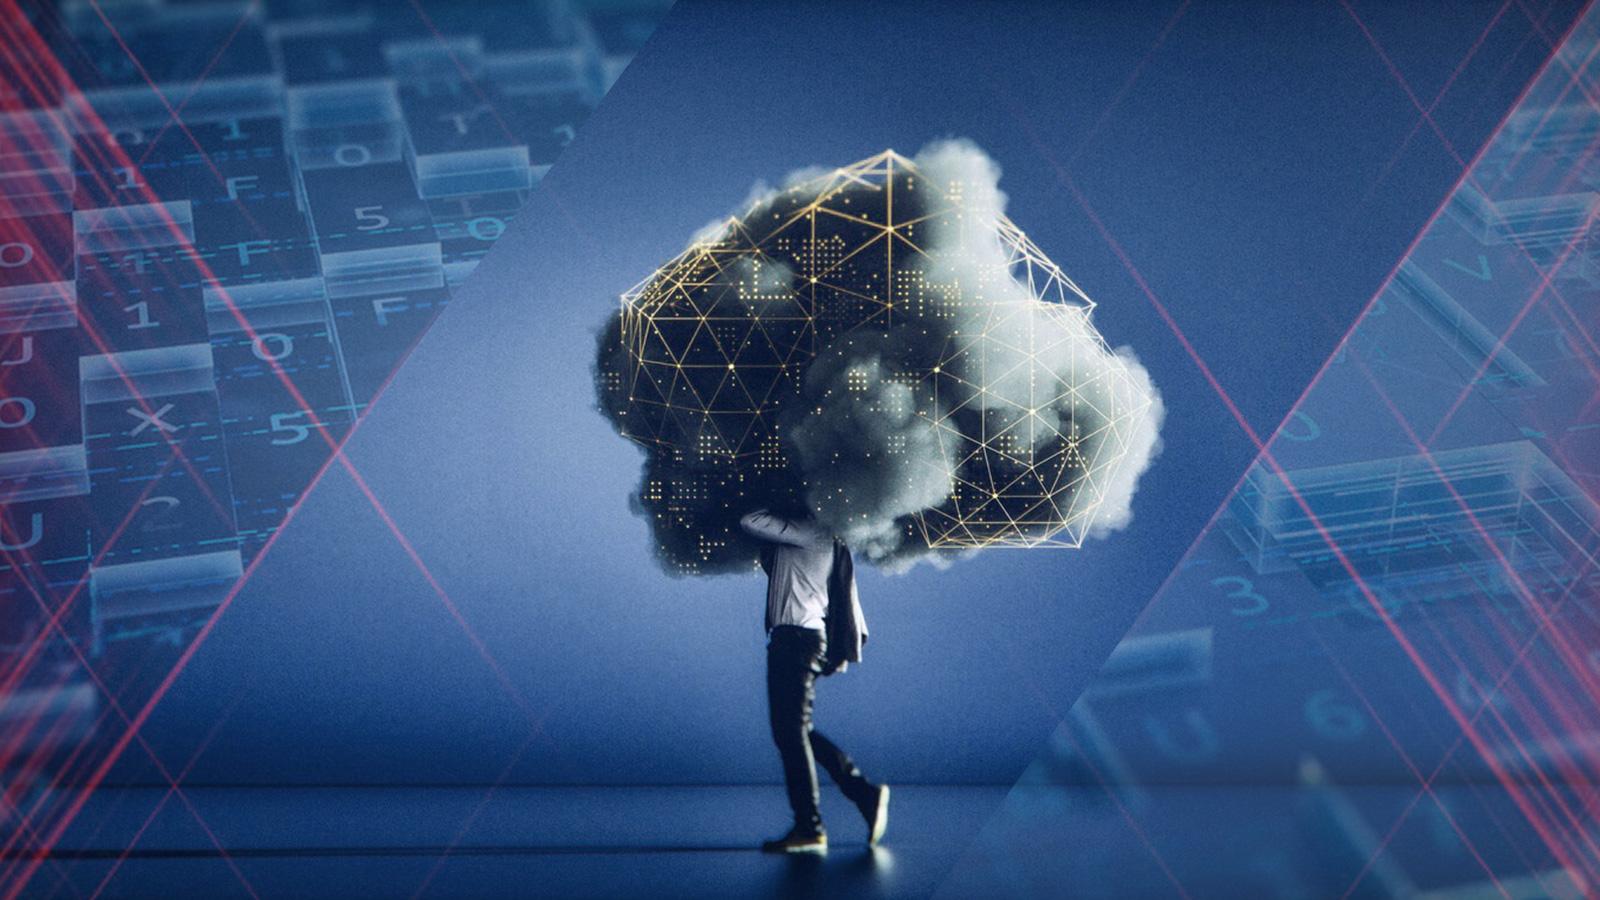 IaaS, PaaS or SaaS in the cloud?